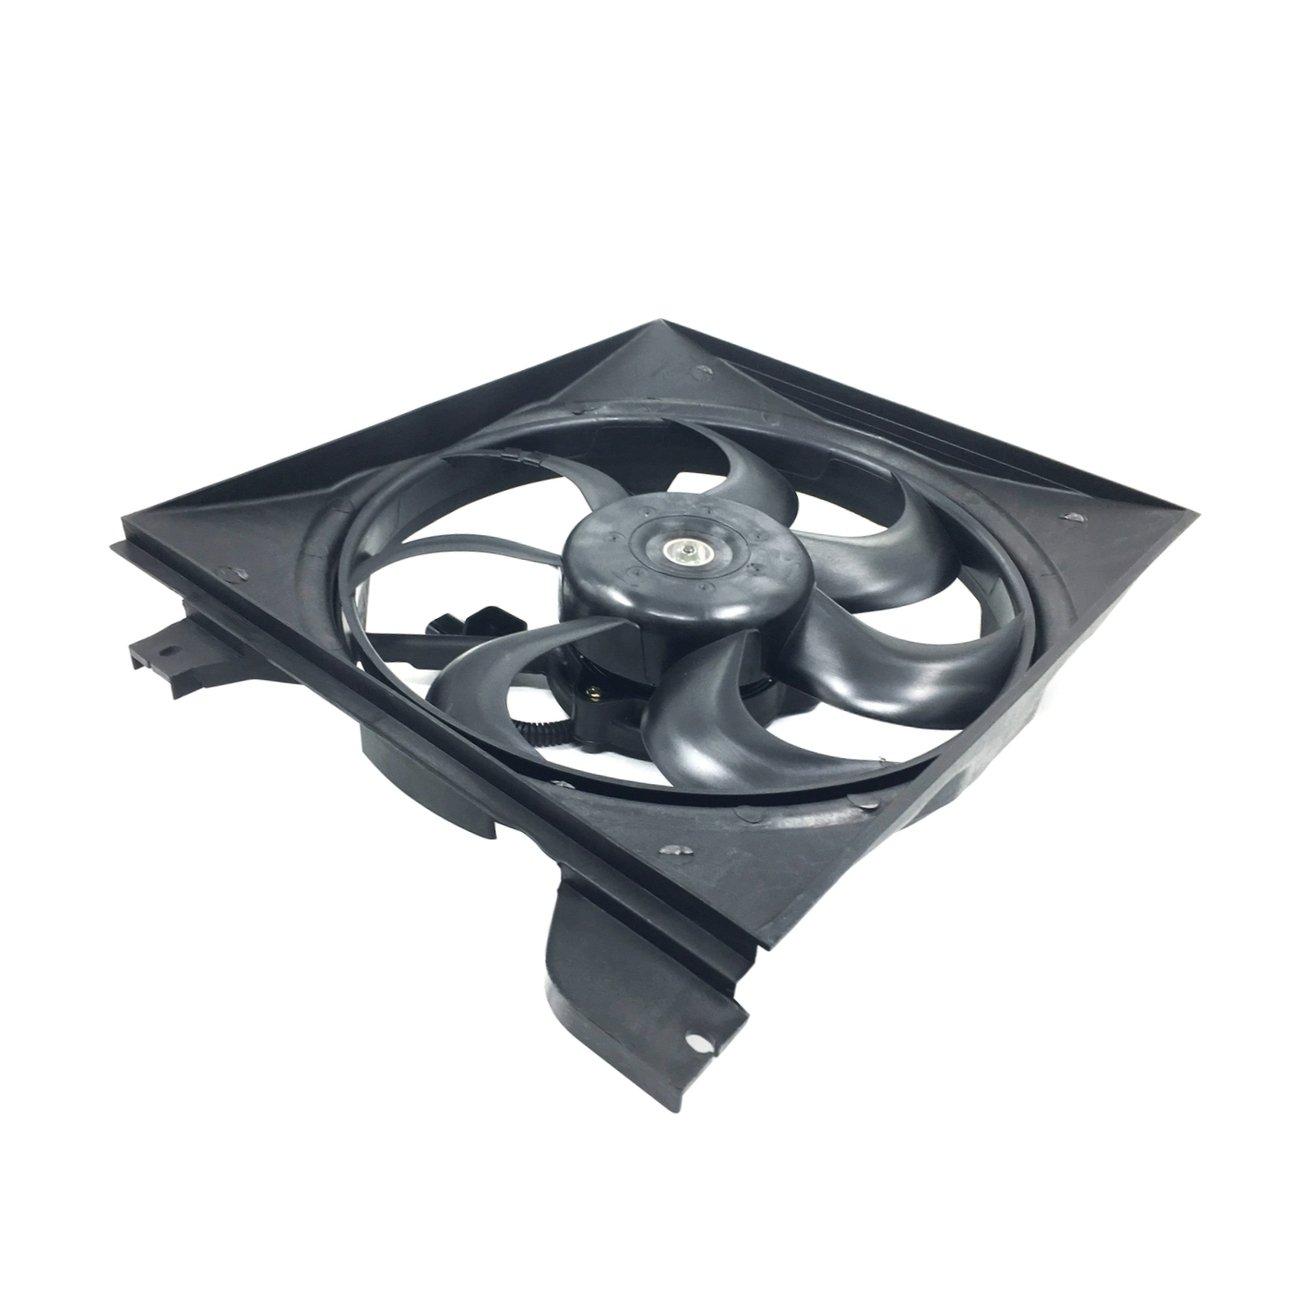 SKP SK620489 Engine Cooling Fan Assembly